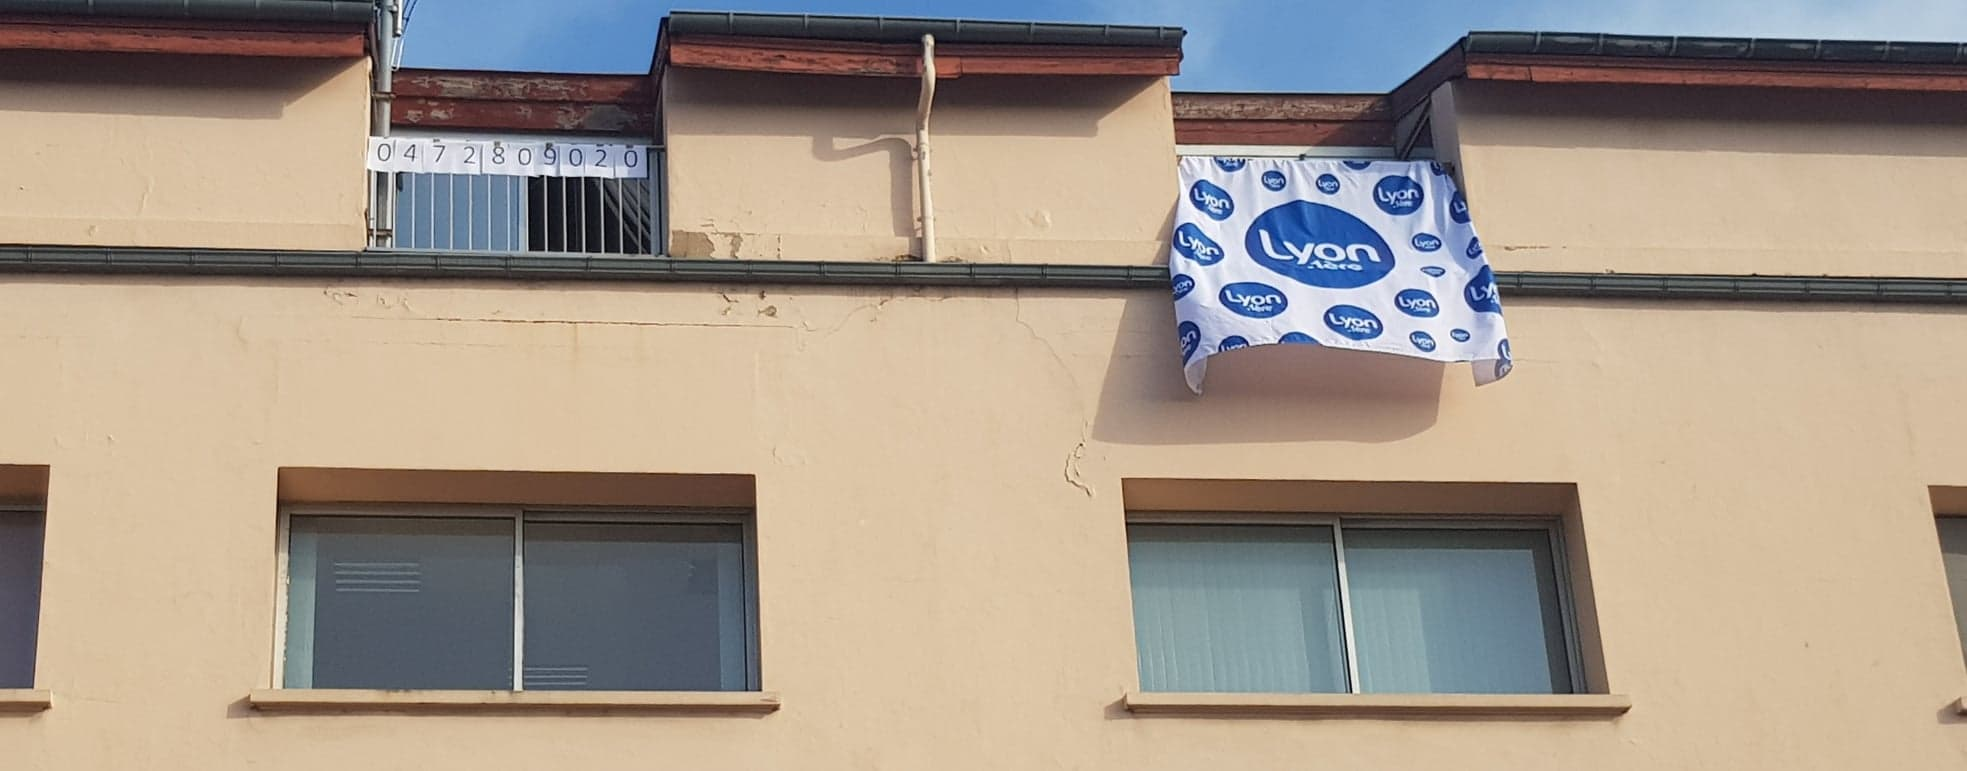 Covid-19 : Manylam Mao travaille et dort dans les studios de Lyon 1ère